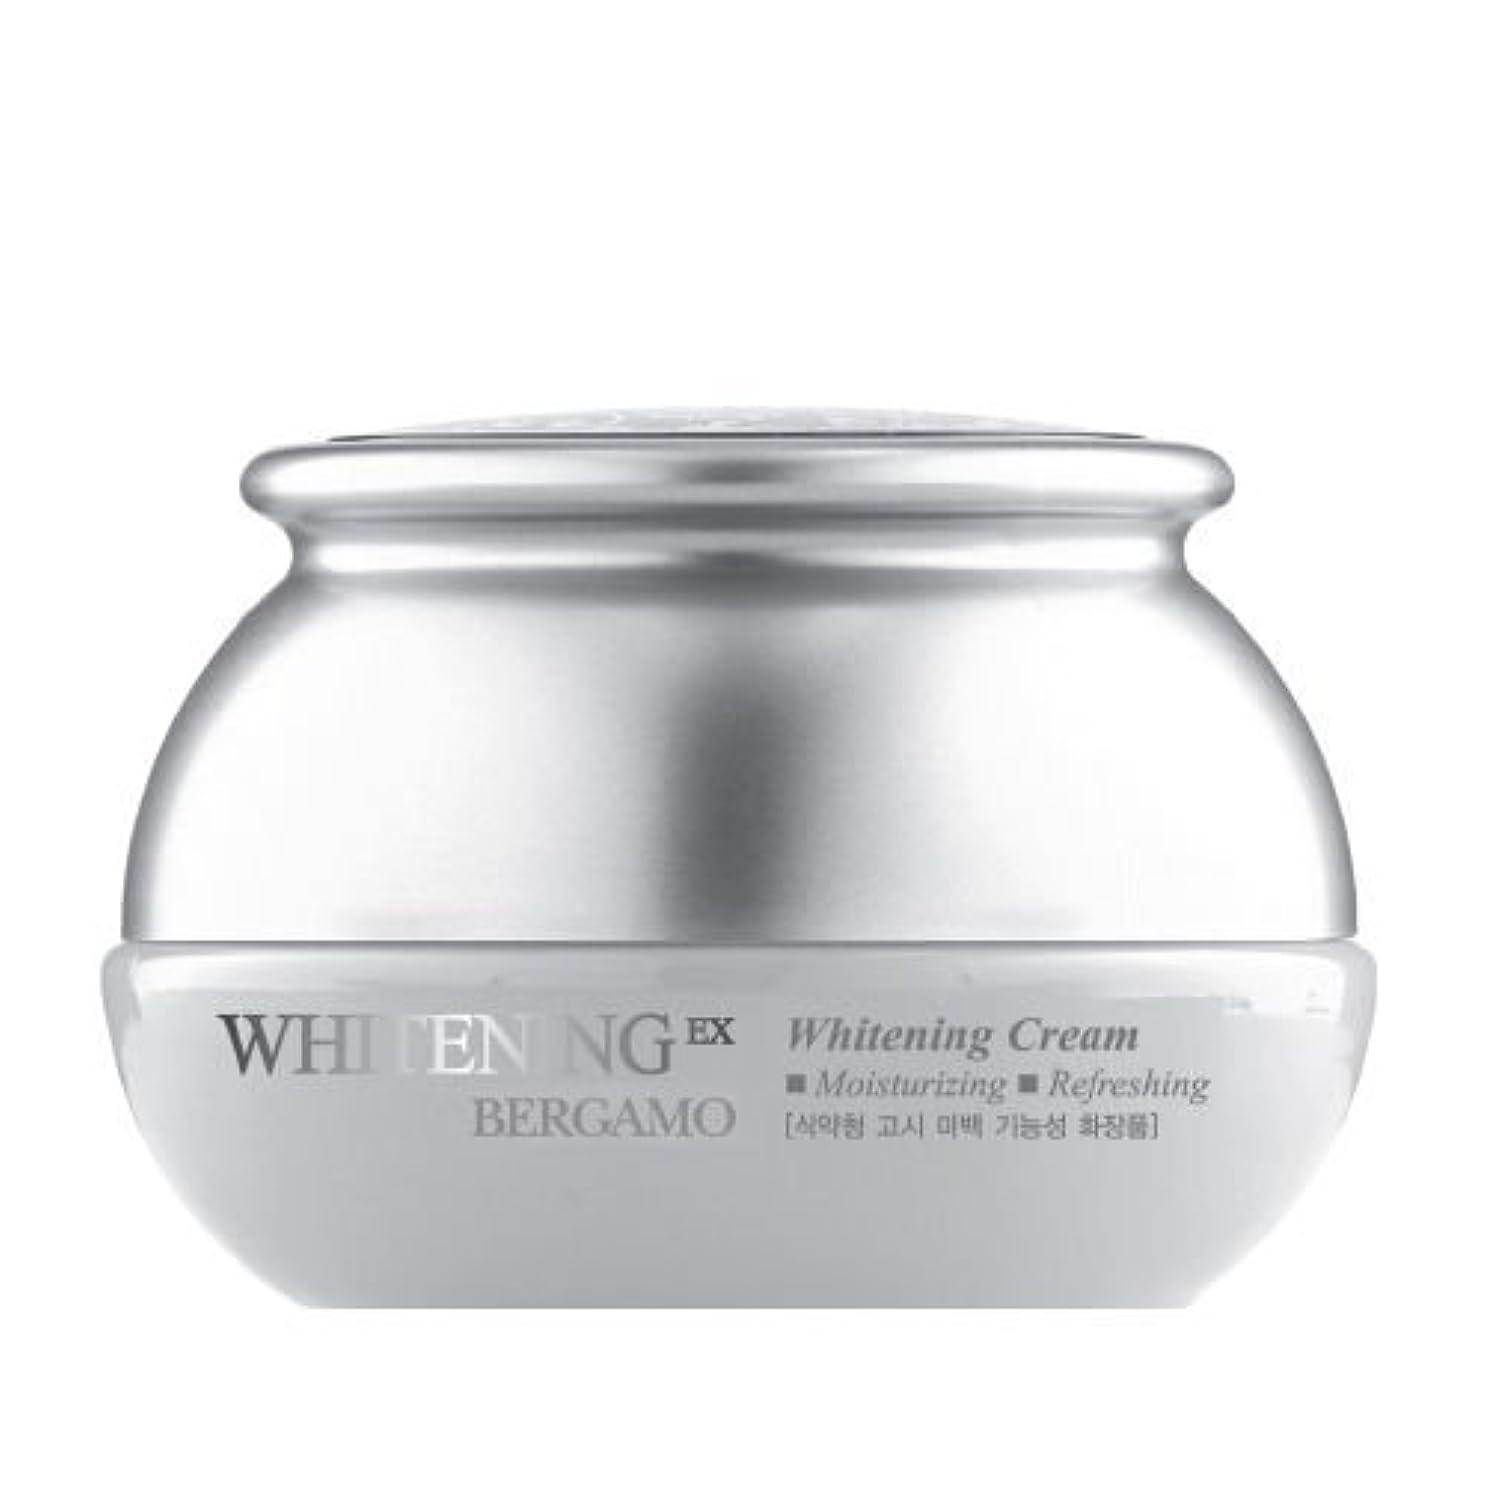 出しますパトロールグローベルガモ[韓国コスメBergamo]Whitening EX Wrinkle Care Cream ホワイトニングEXリンクルケアクリーム50ml しわ管理 [並行輸入品]